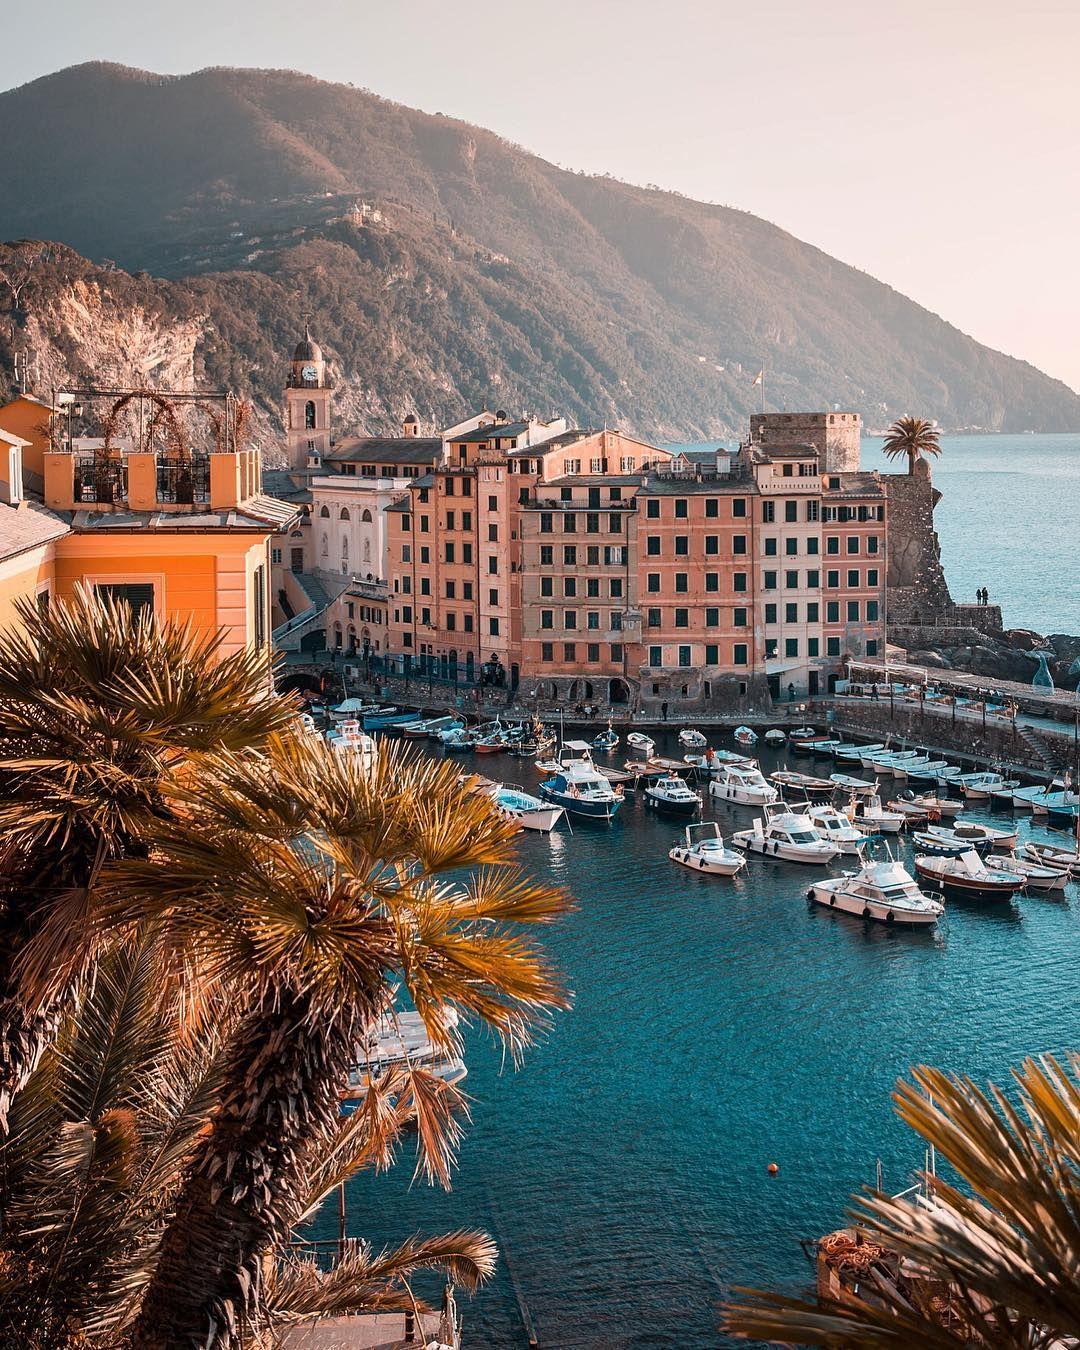 """Camogli, Italy @brigrc: """"I want to take a breath that's true. Point of view  Camogli [Liguria]"""""""